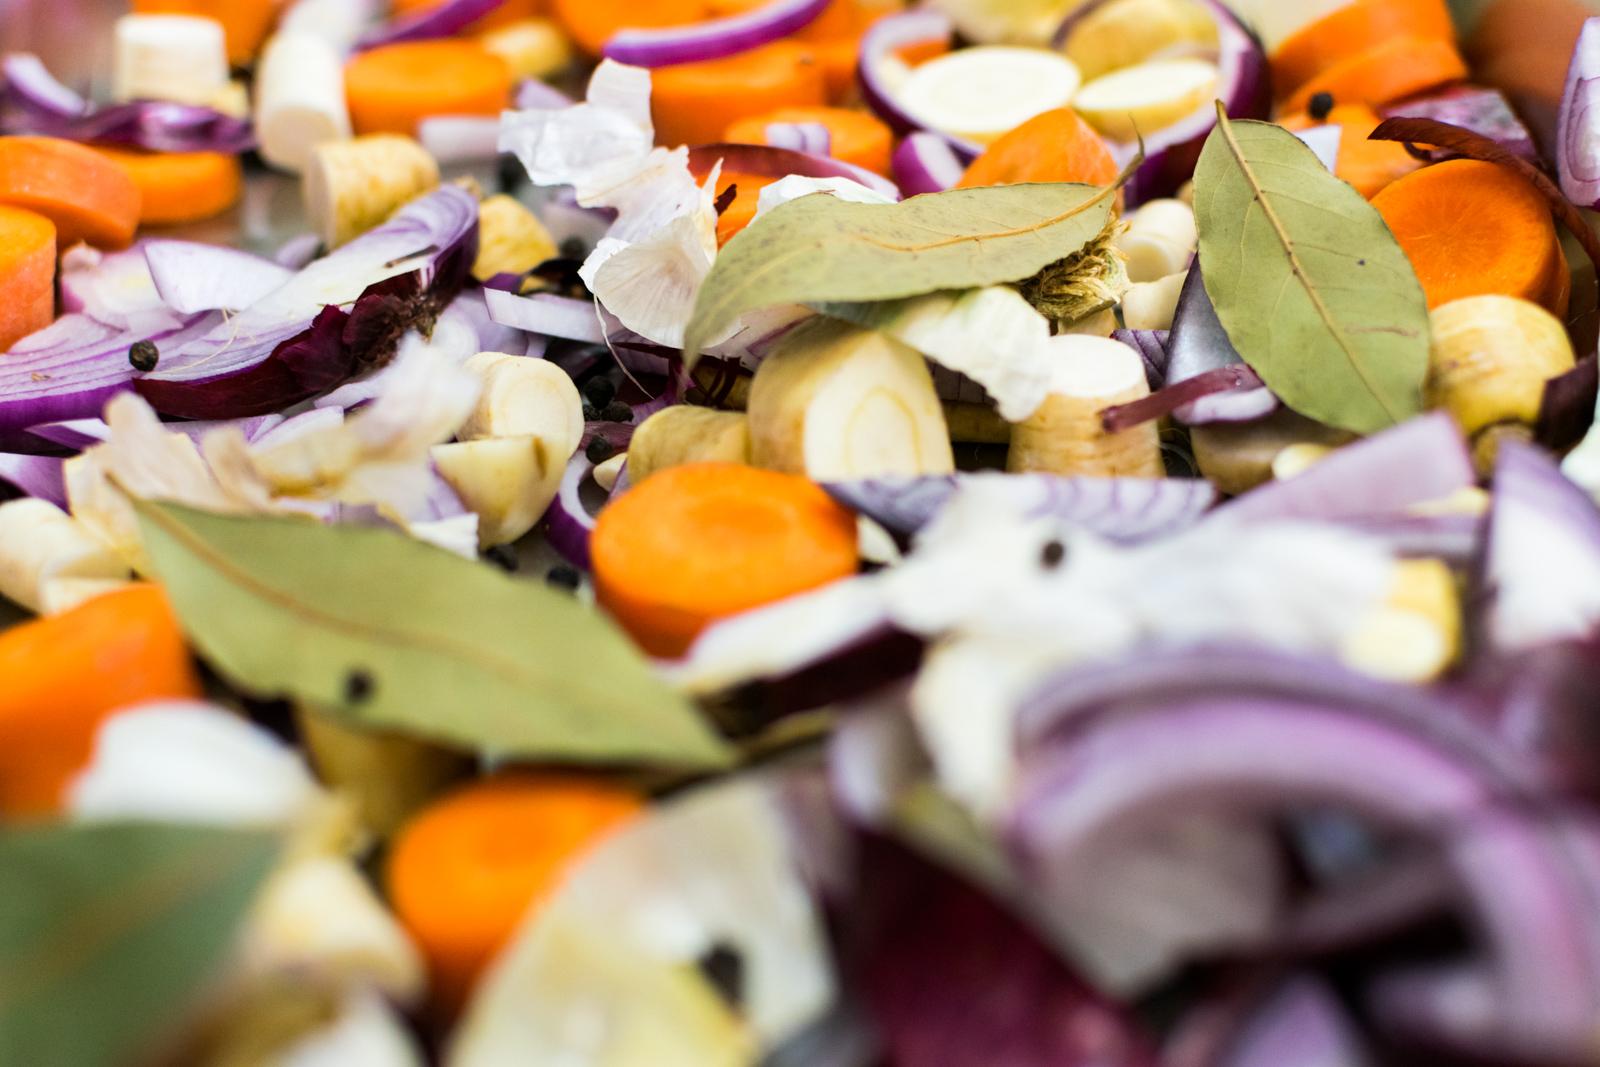 Beim Mijotieren bleibt das Gemüse zart und saftig, da durch diese Garmethode dem Gemüse kein Wasser entzogen wird